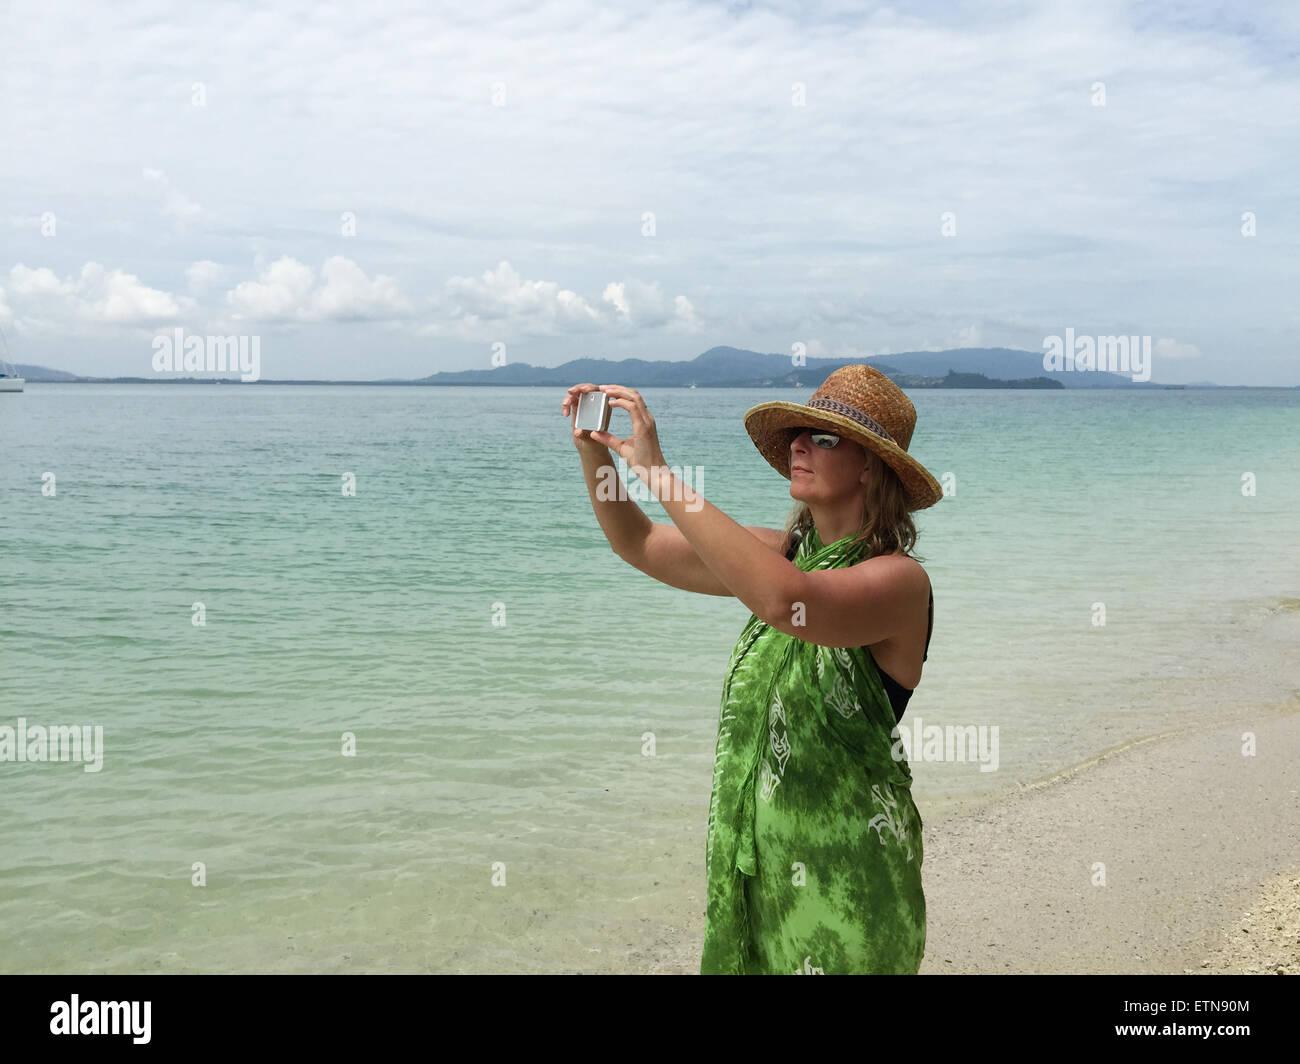 Frau am Strand mit einem mobilen Gerät ein Foto aufnehmen Stockbild